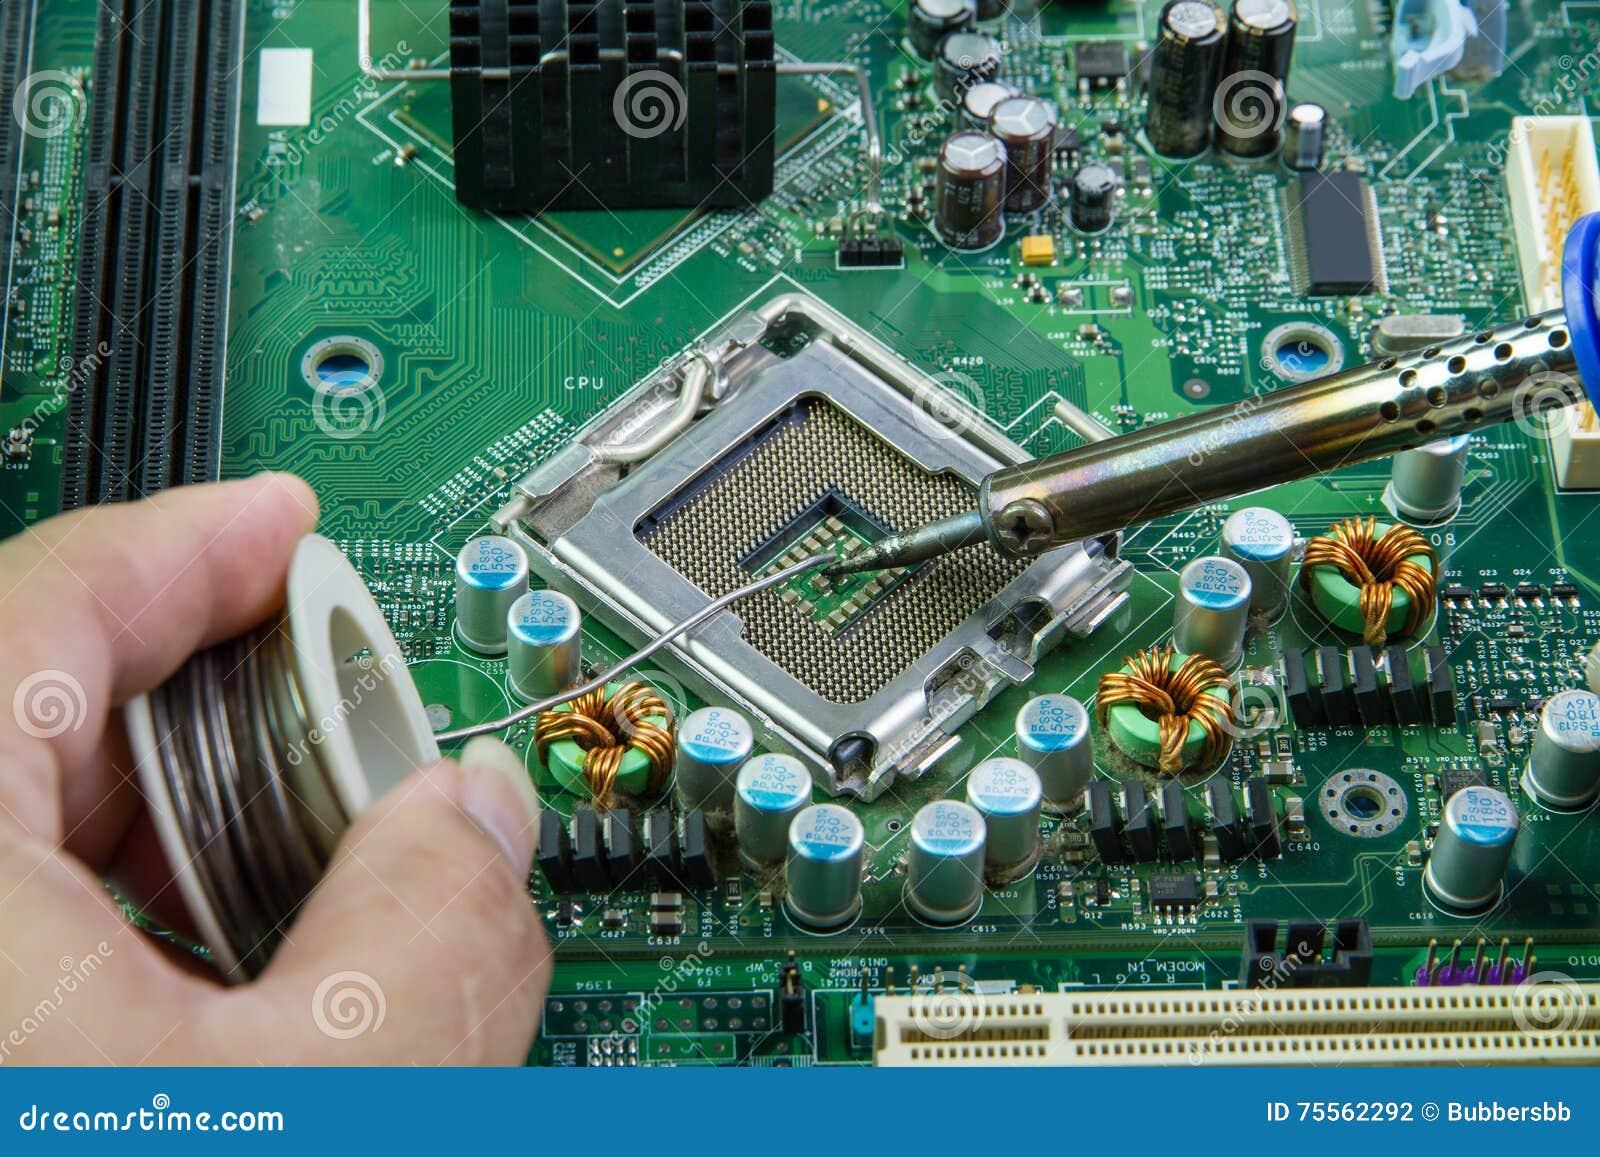 fer souder et microcircuit r paration de carte m re d 39 ordinateur photo stock image 75562292. Black Bedroom Furniture Sets. Home Design Ideas